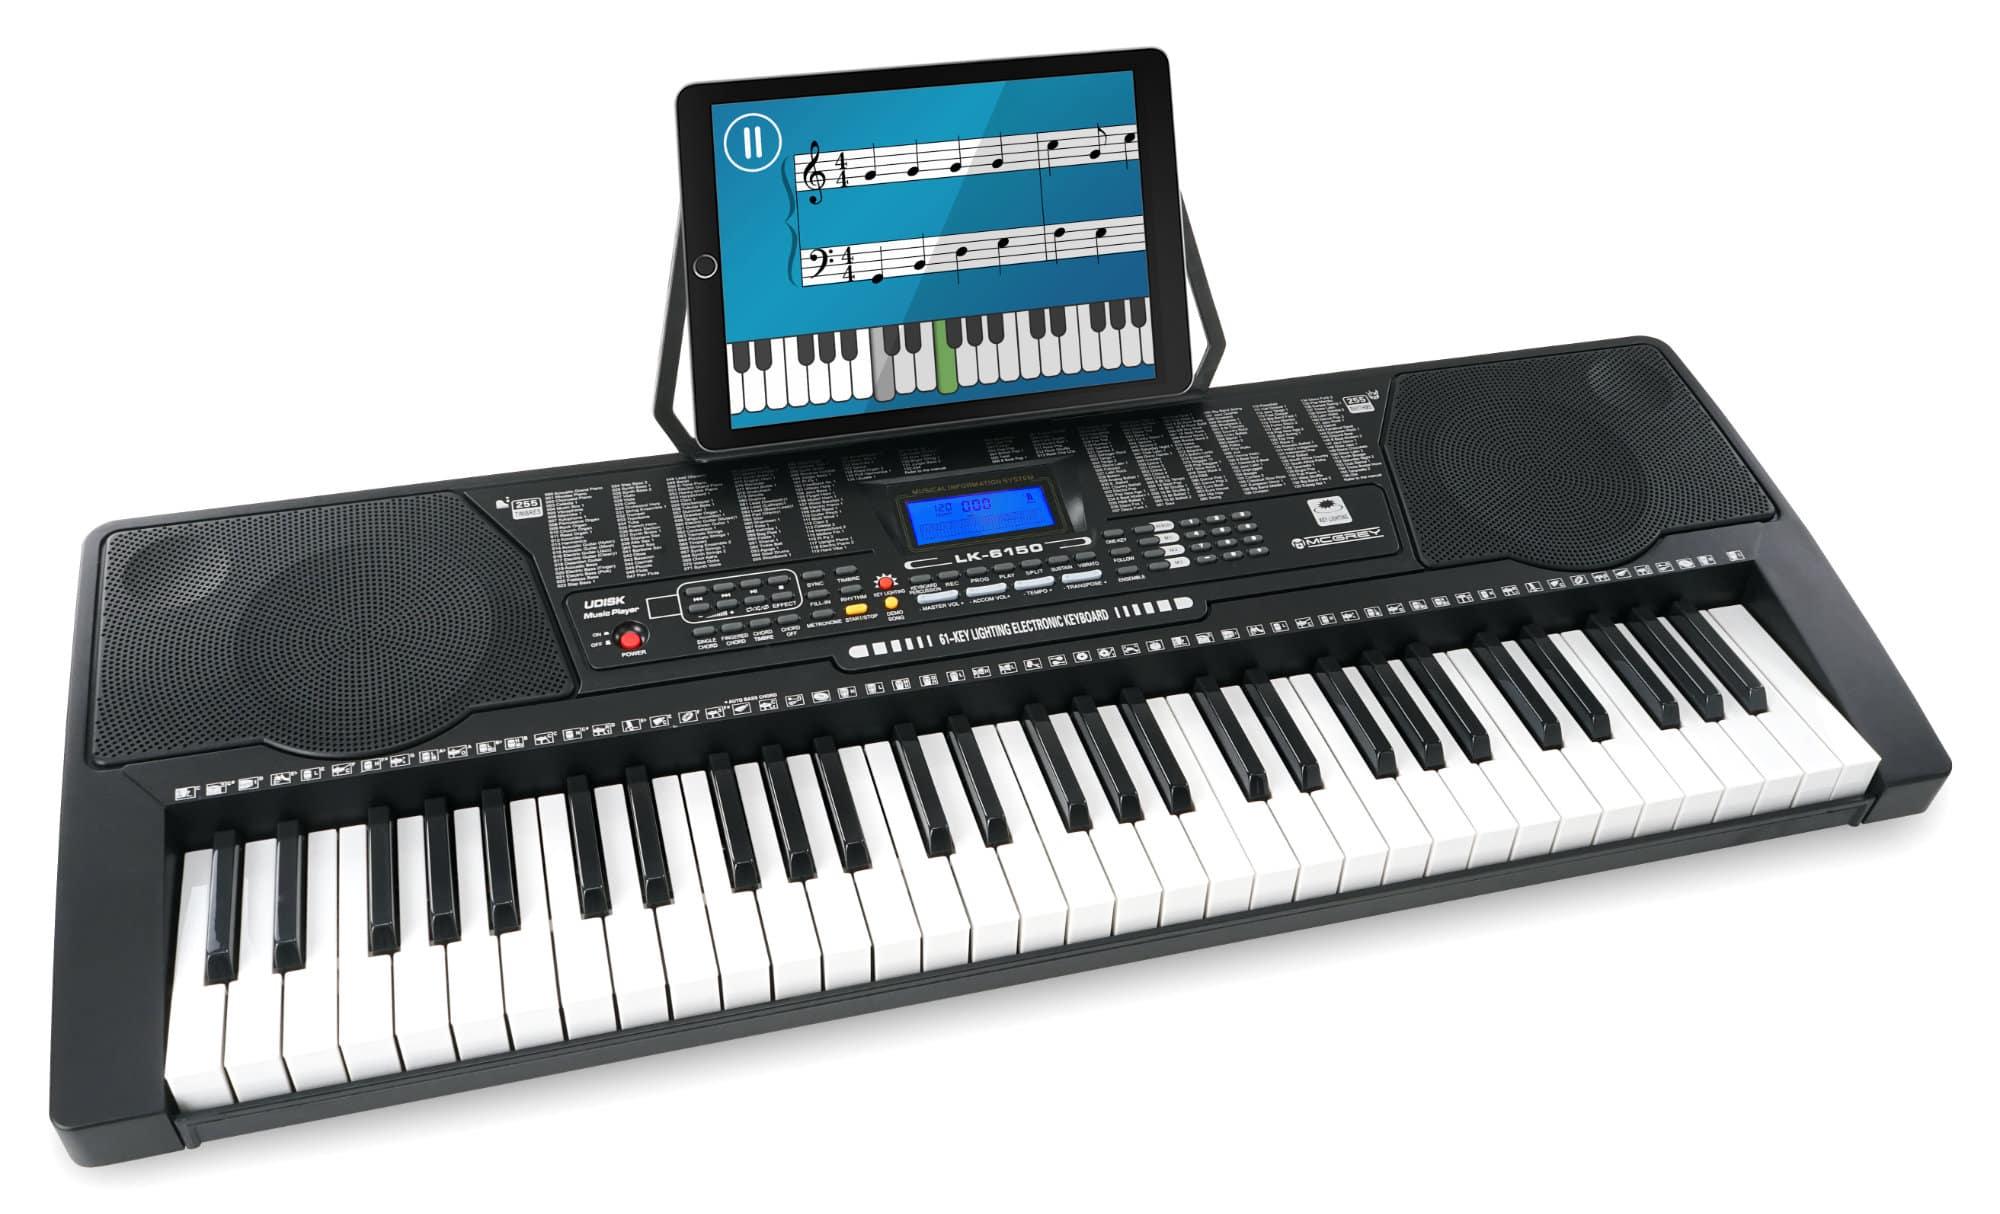 McGrey LK 6150 61 Tasten Keyboard mit Leuchttasten und MP3 Player